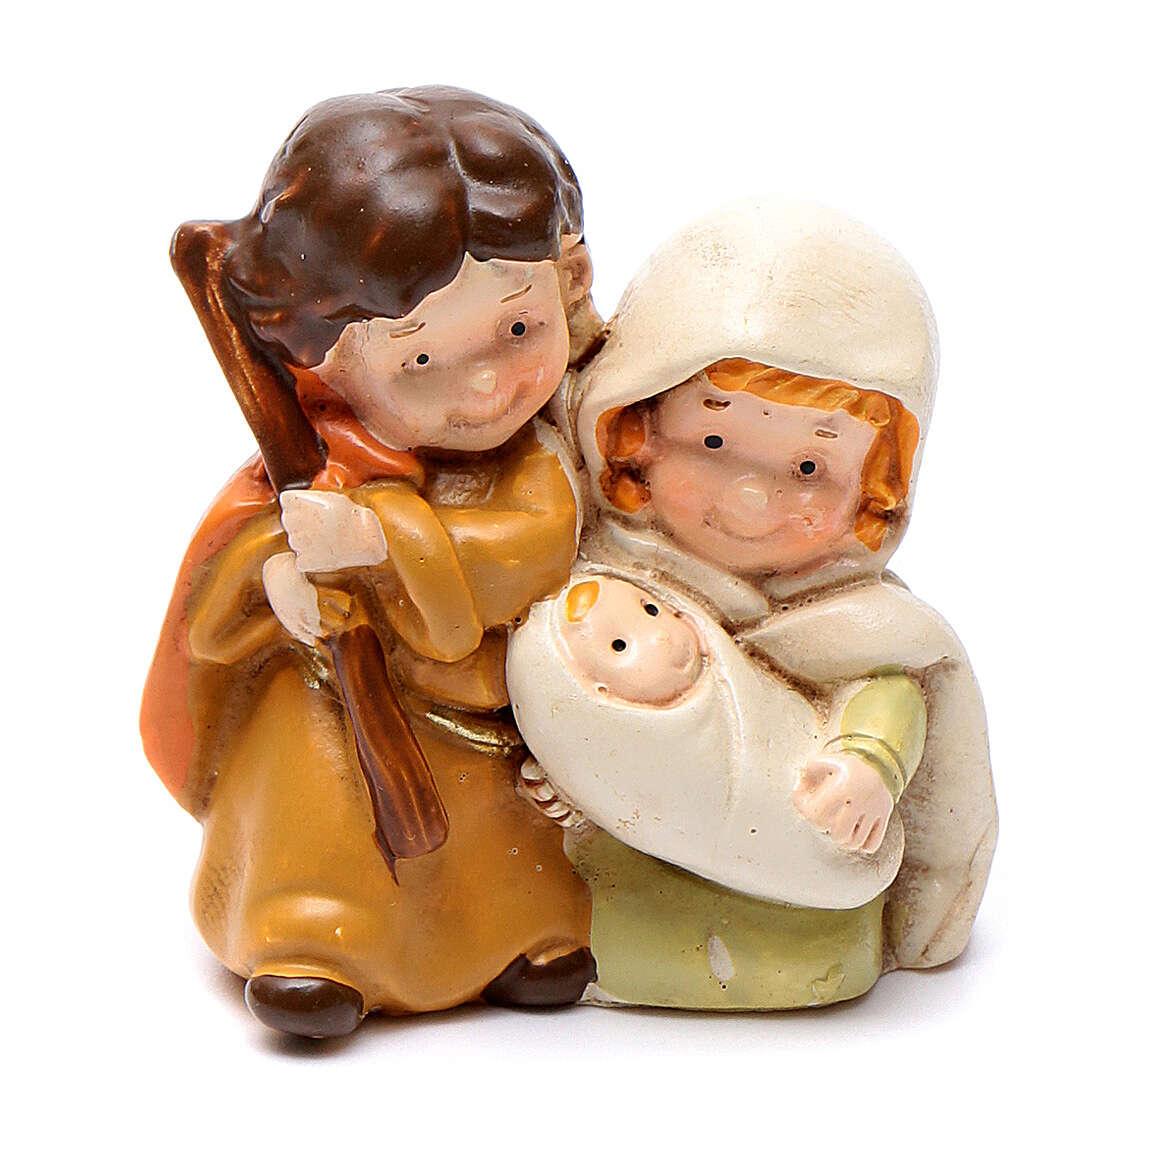 Scena Narodzin z żywicy 4 cm, dla dzieci 3